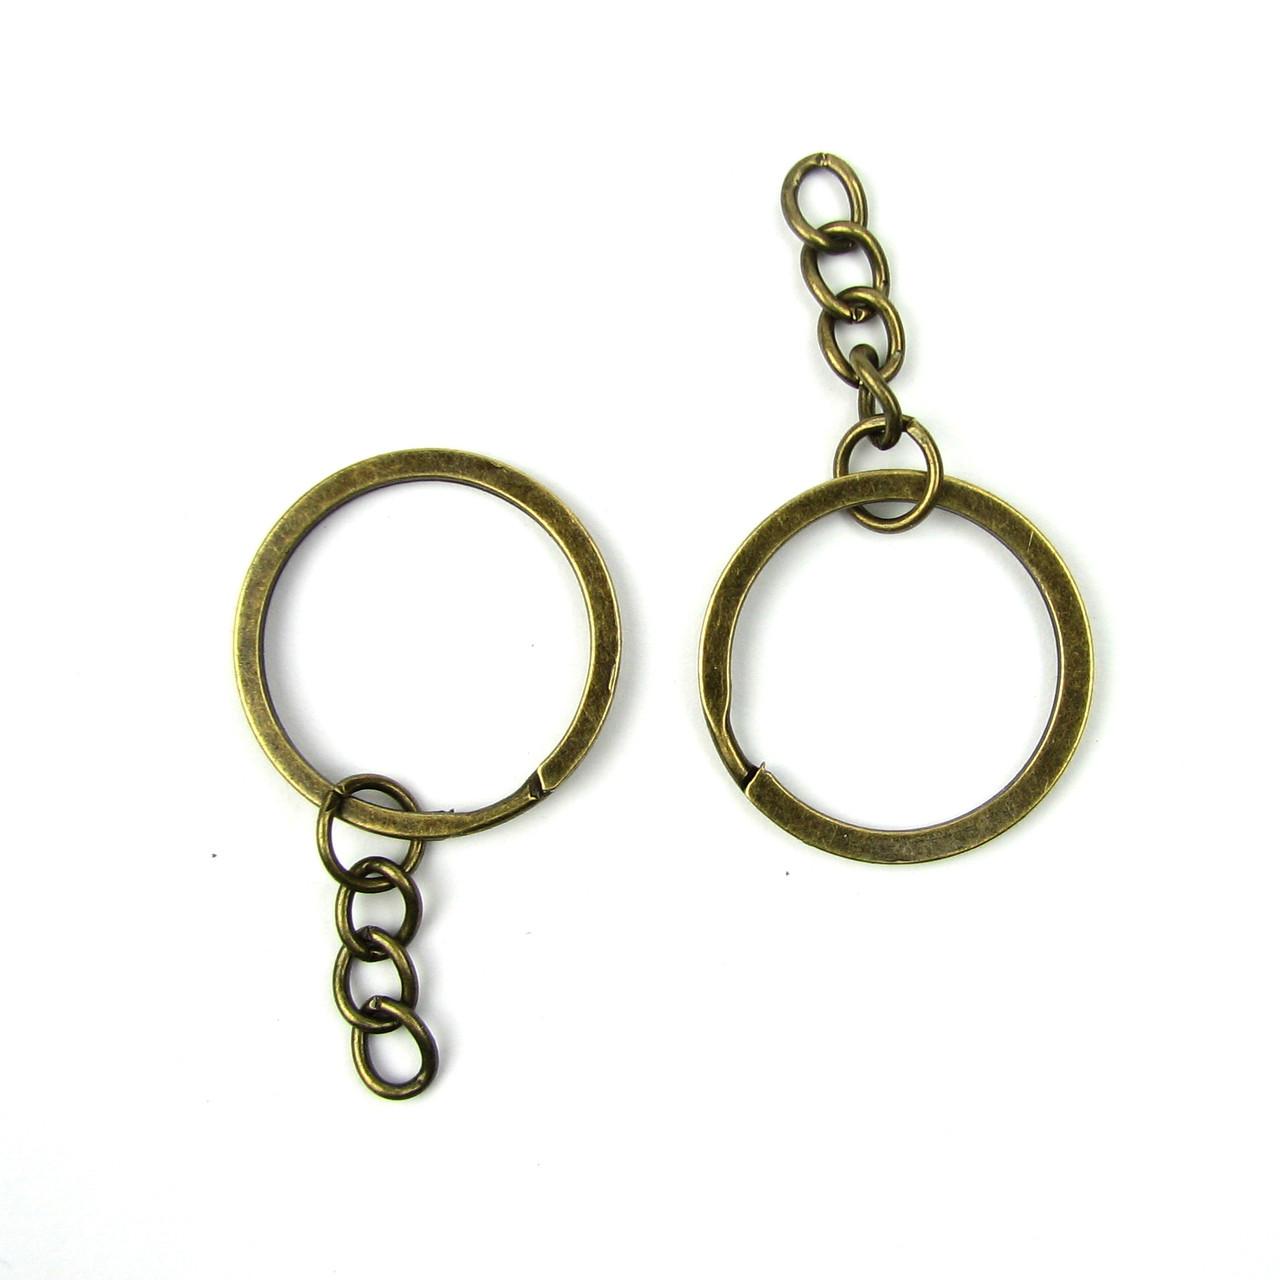 Кольцо для брелка  5шт , 28мм